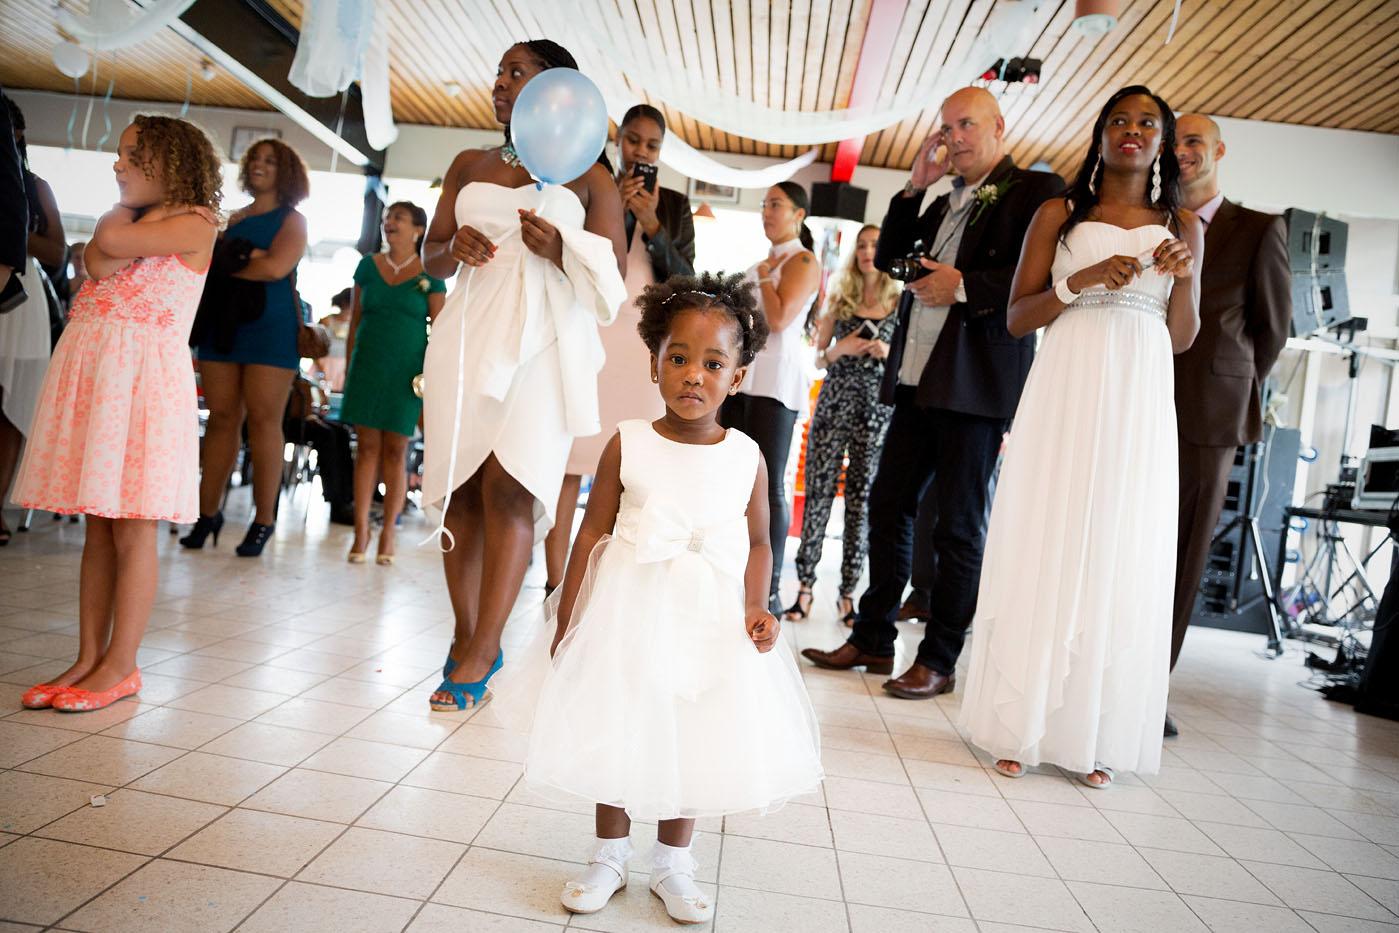 bruiloft-wedding-trouwen-rotterdam-fotograaf-bobhersbach-meisje